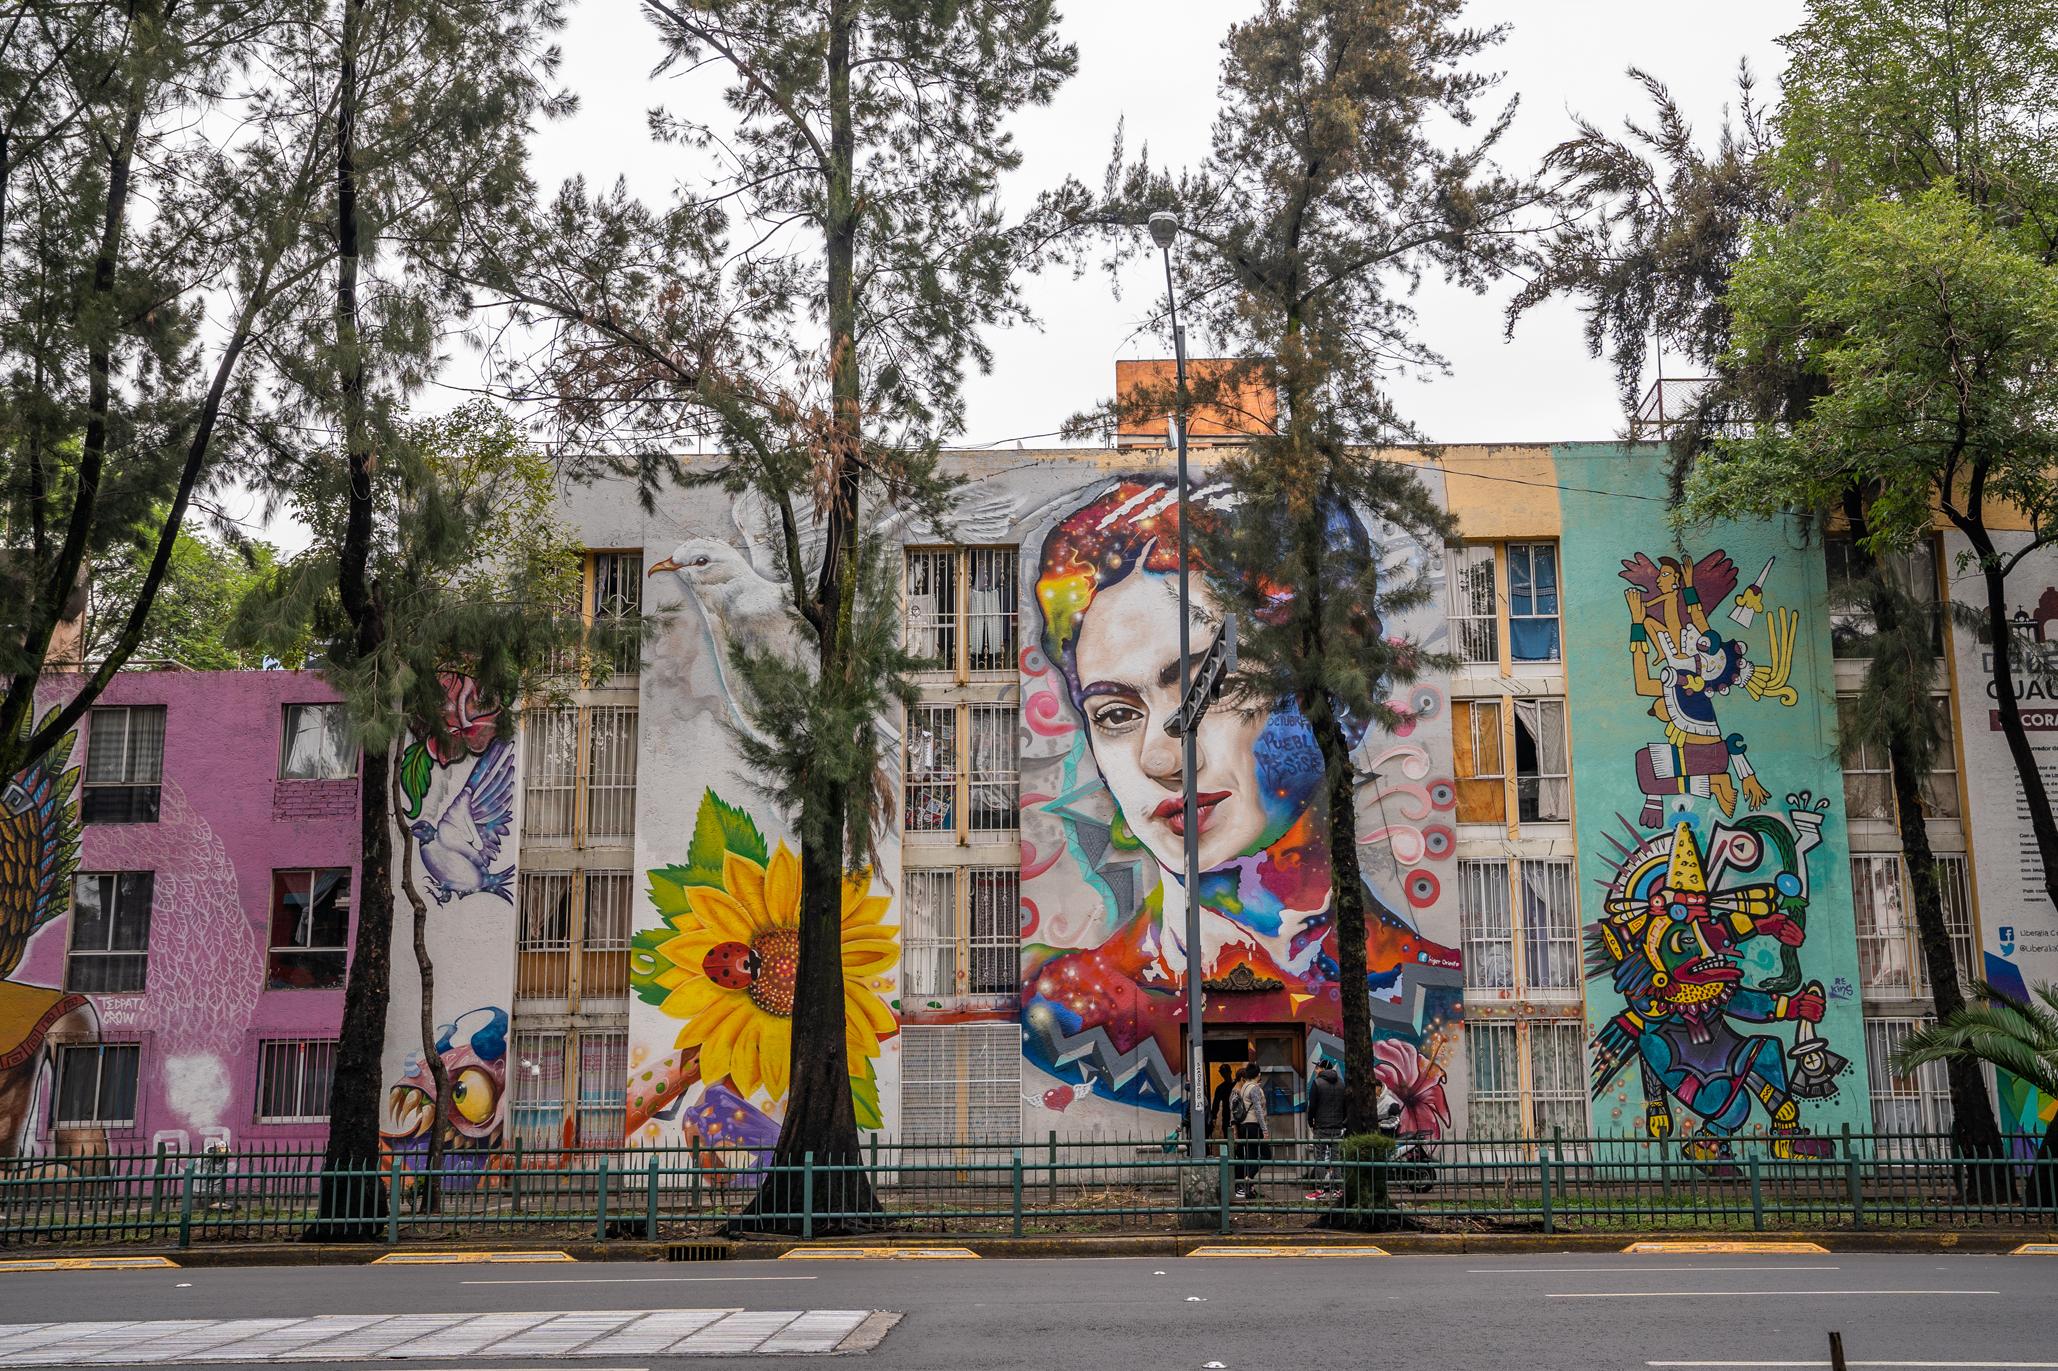 Corredor de arte urbano